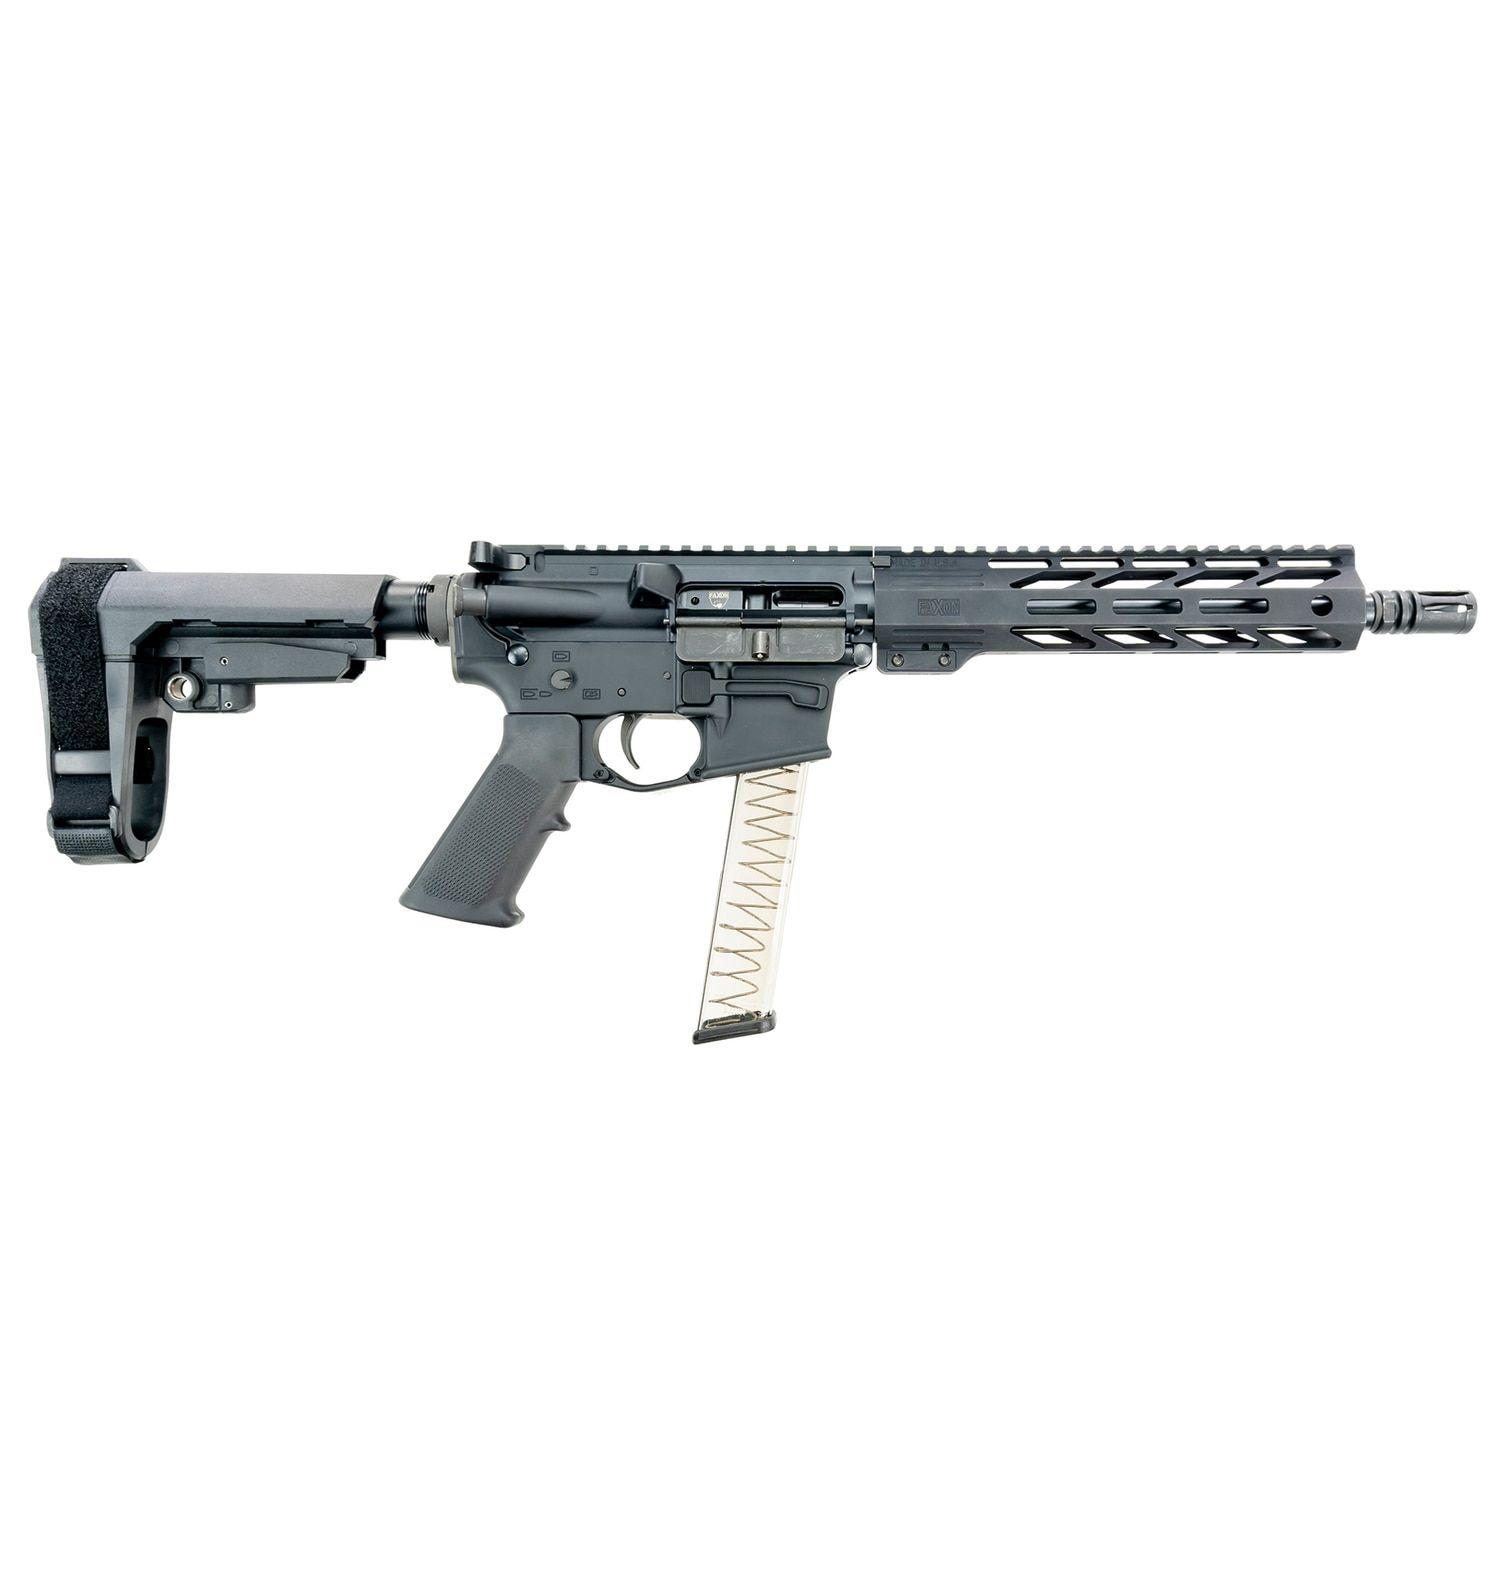 Faxon Bantam 10.5 - puška samonabíjecí